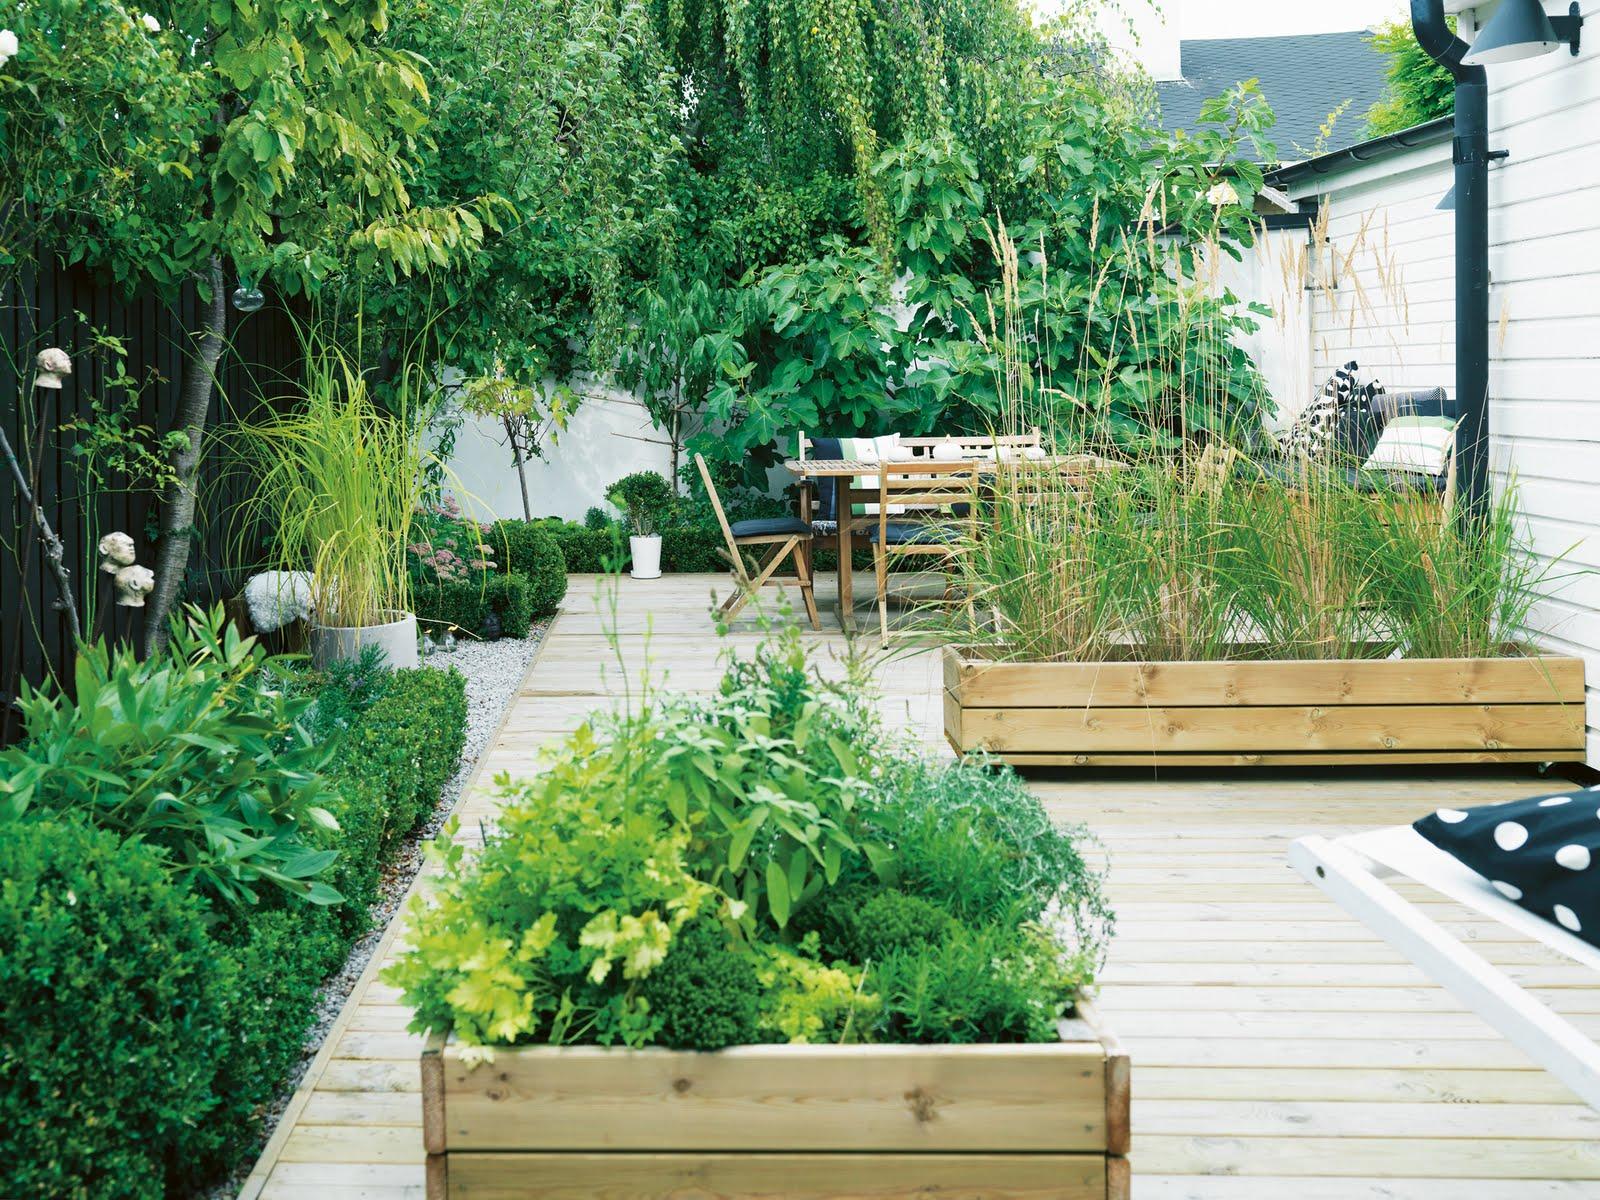 JARDINS MARAVILHOSOS .: caixas de madeira no jardim . #6F9536 1600x1200